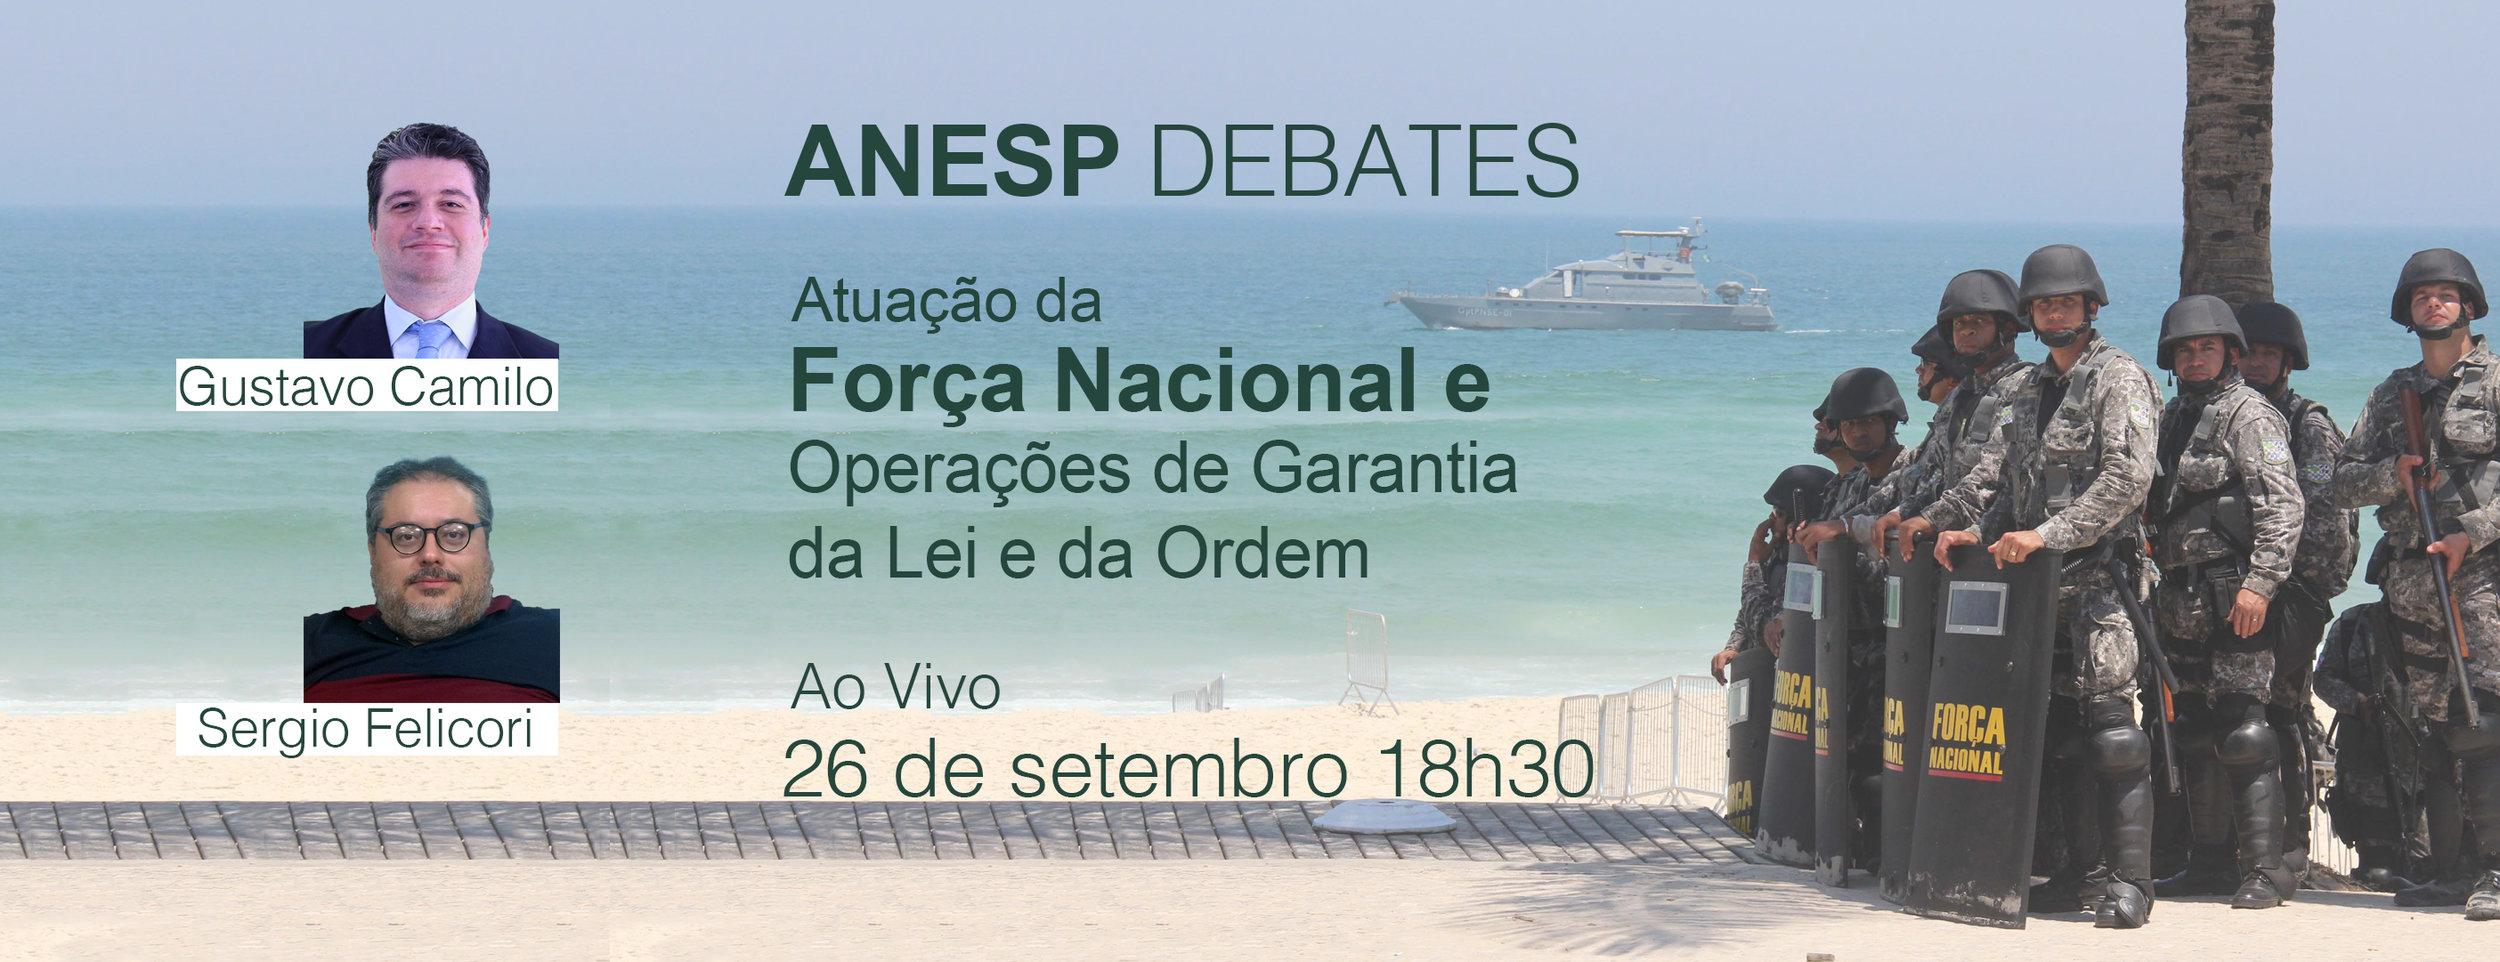 dest2 ANESP Debates - Força Nacional.jpg